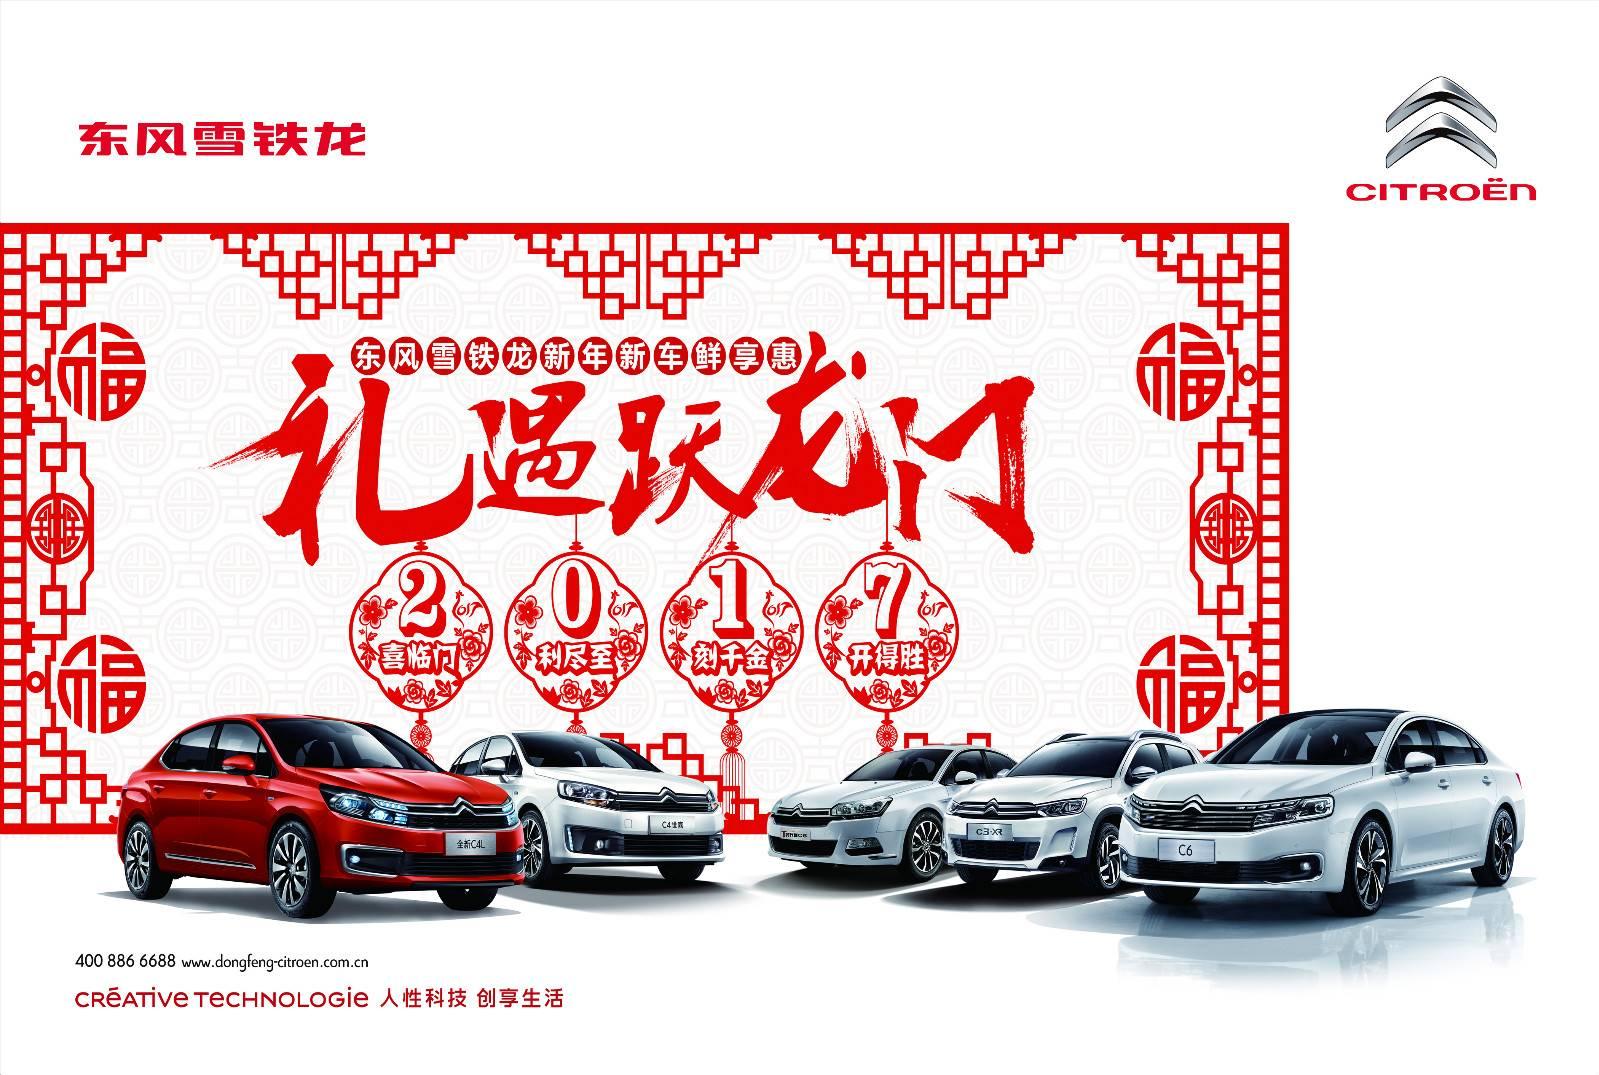 礼遇跃龙门 东风雪铁龙新年新车鲜享惠